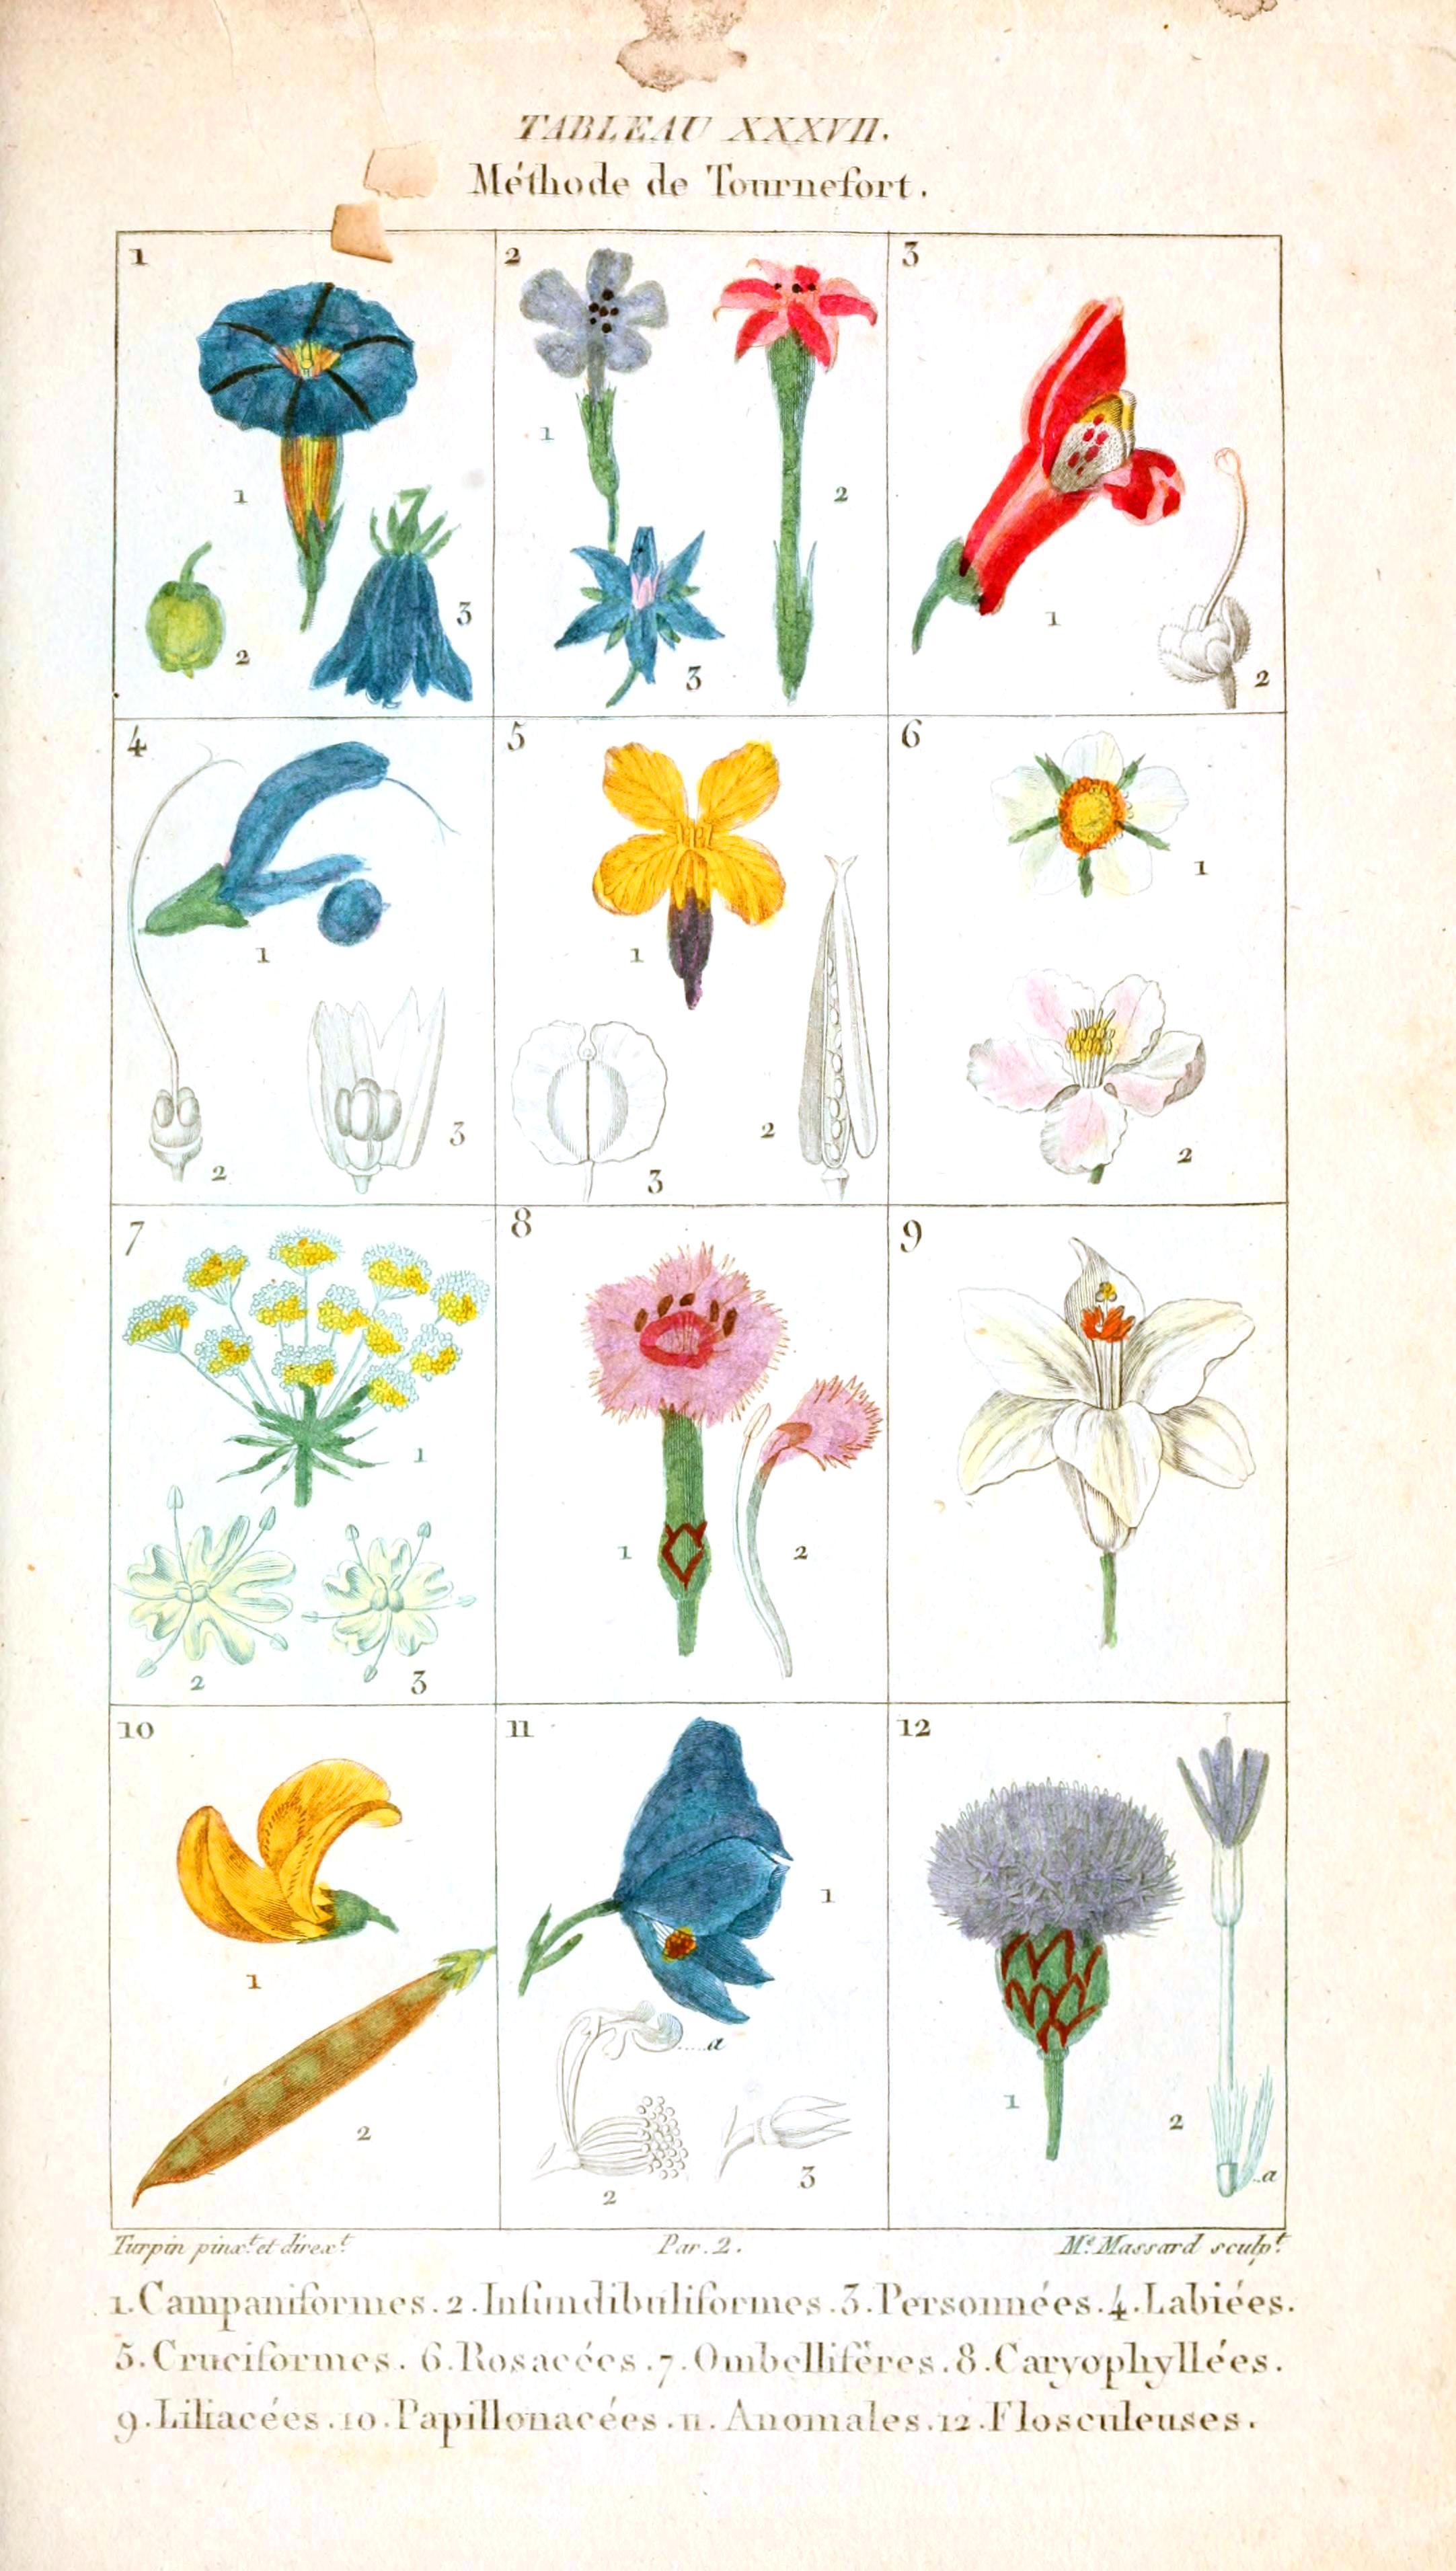 Botanical-Plant-Taxonomy-French-1819-4.jpg